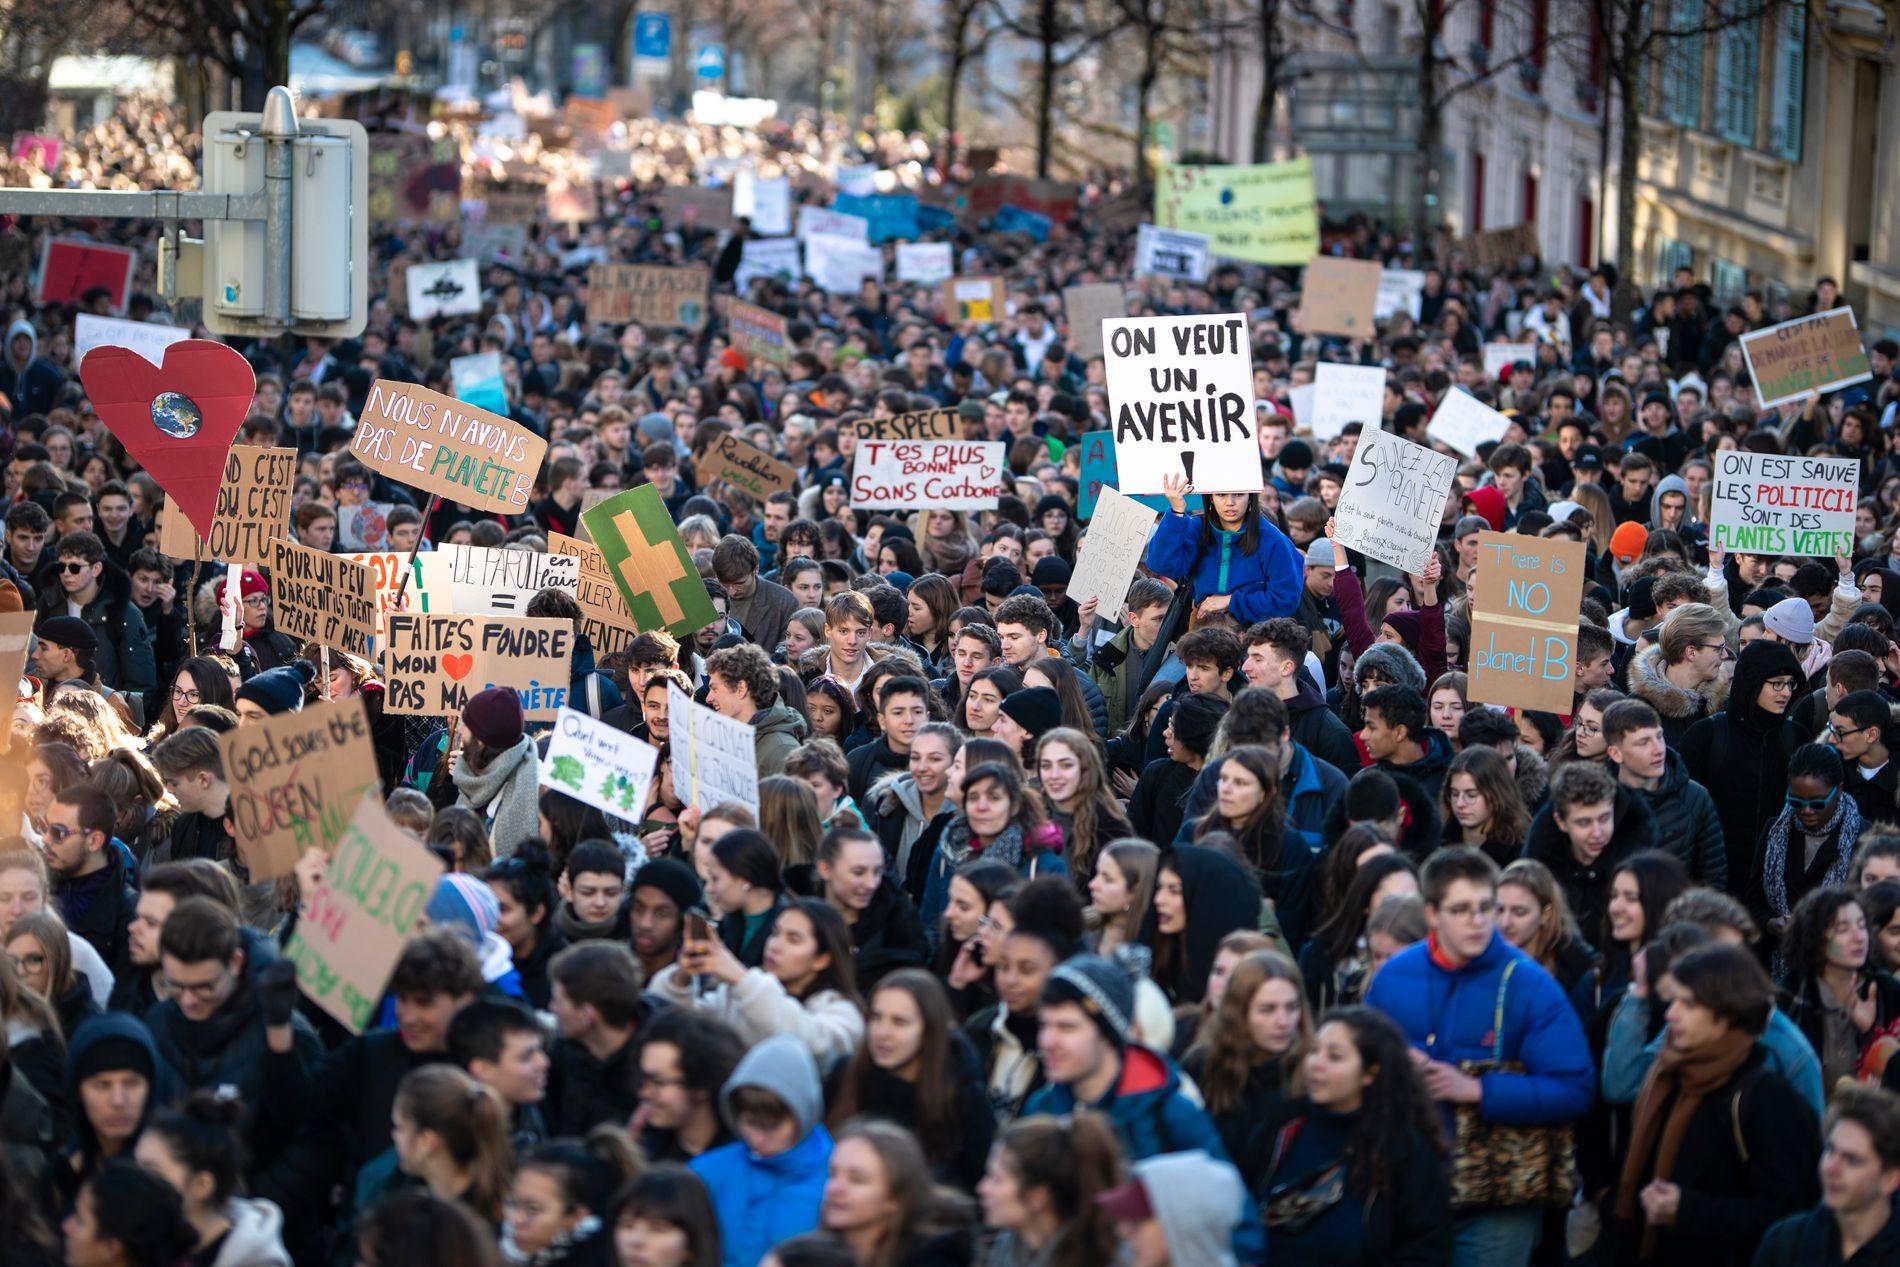 Studenter demonstrerer i forbindelse med en skolestreik i Lausanne i Sveits.